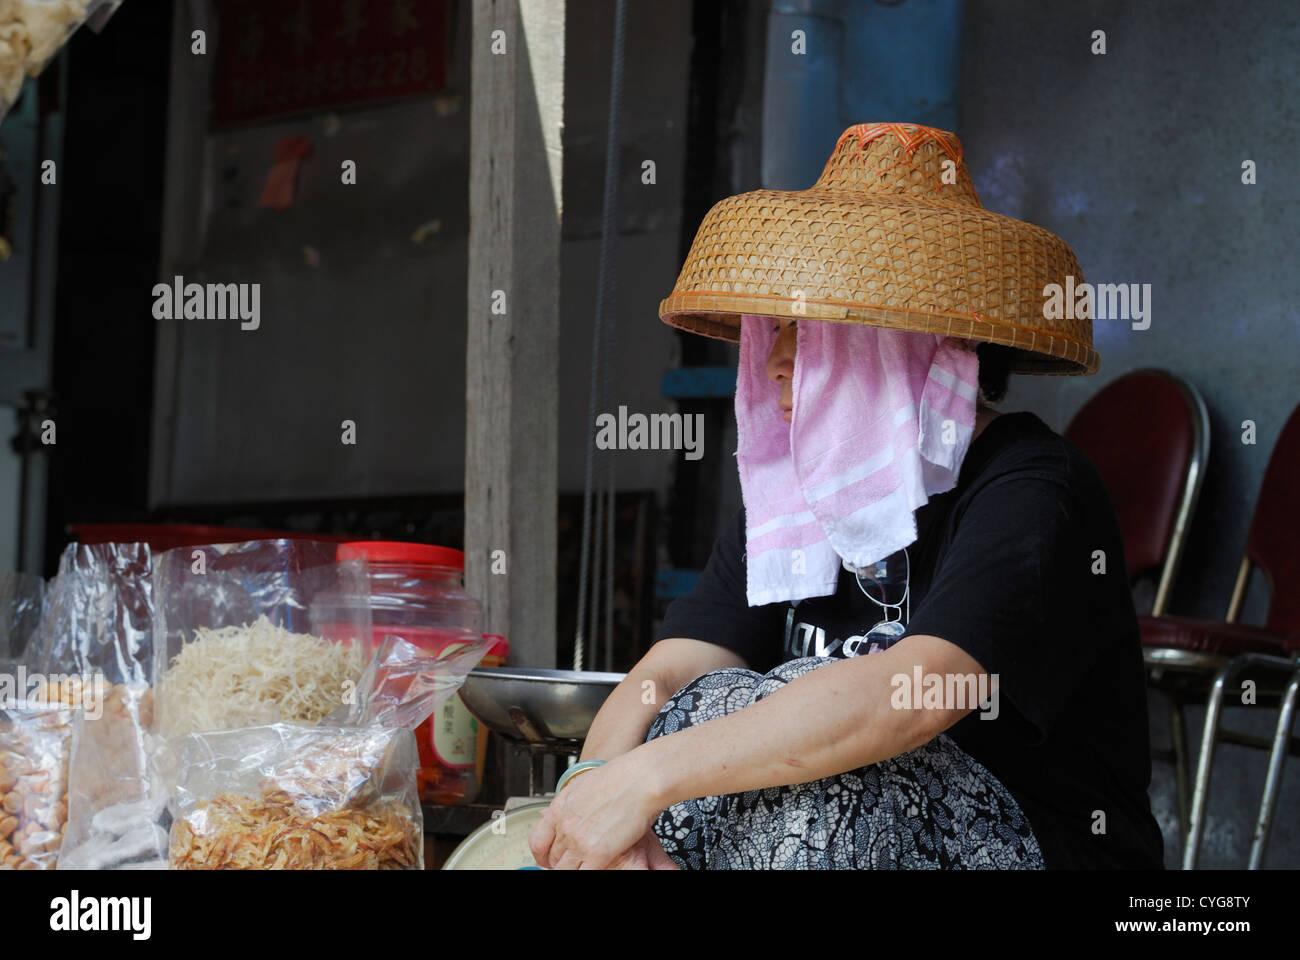 Tai O food market vendor Lantau Island Hong Kong, China. - Stock Image